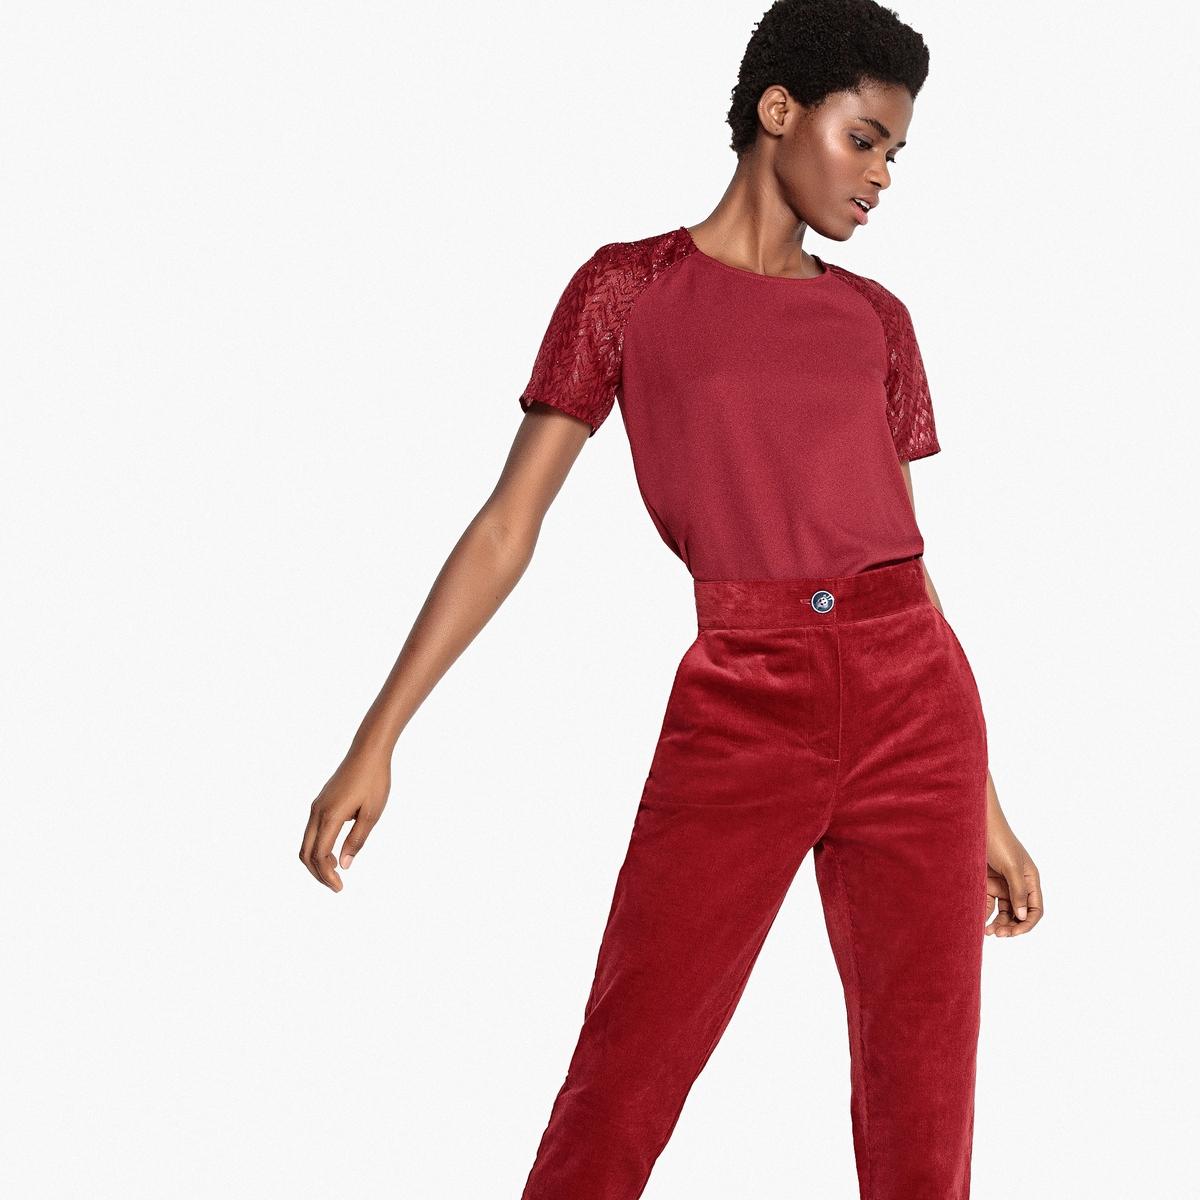 Блузка с круглым вырезом, глубоким вырезом сзади и короткими рукавами moda argenti moda argenti st 767 oro